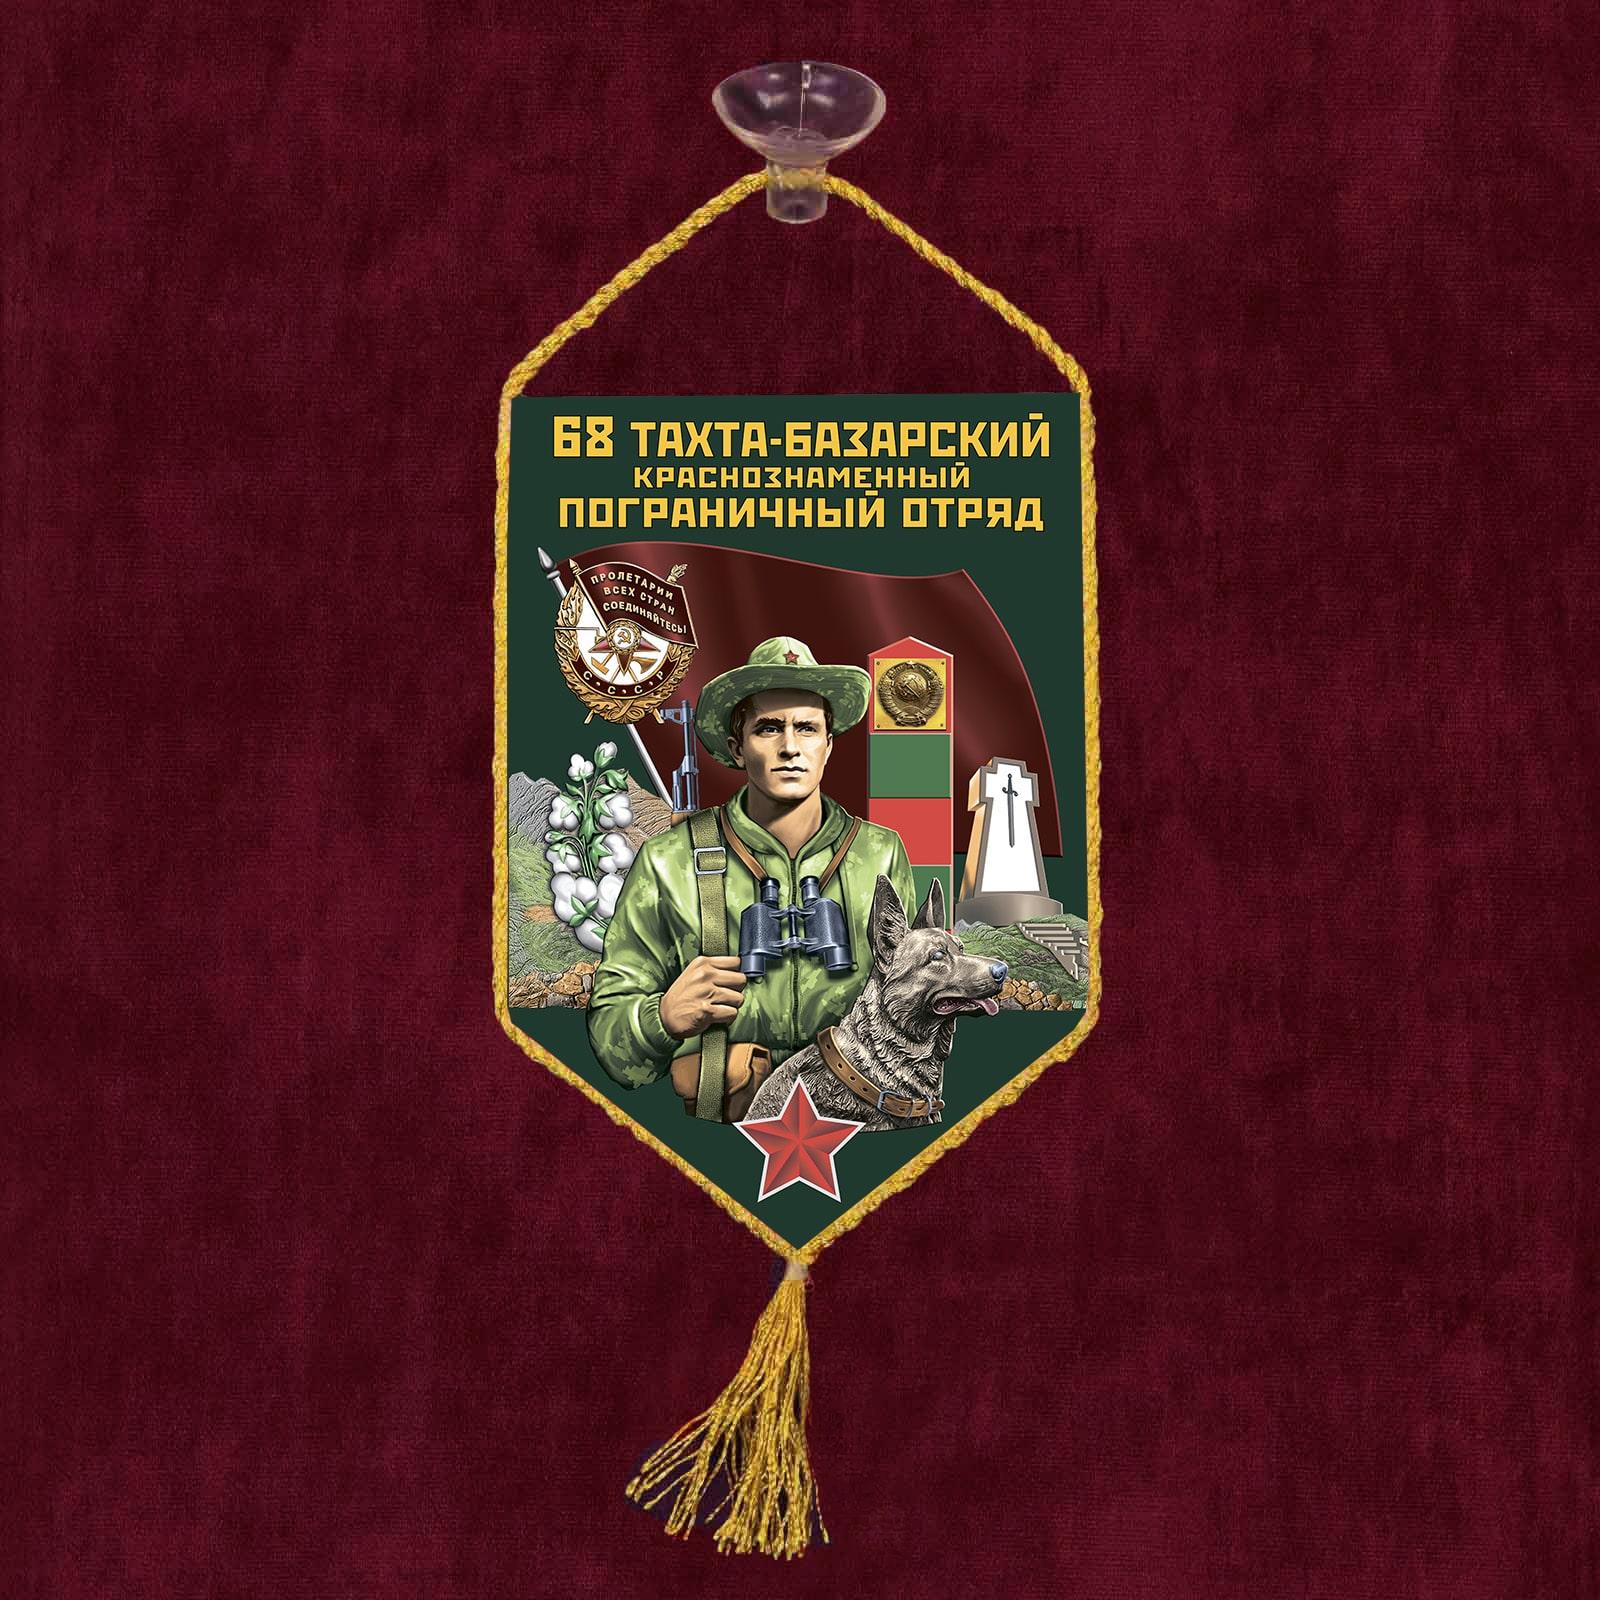 """Автомобильный вымпел """"68 Тахта-Базарского пограничного отряда"""""""